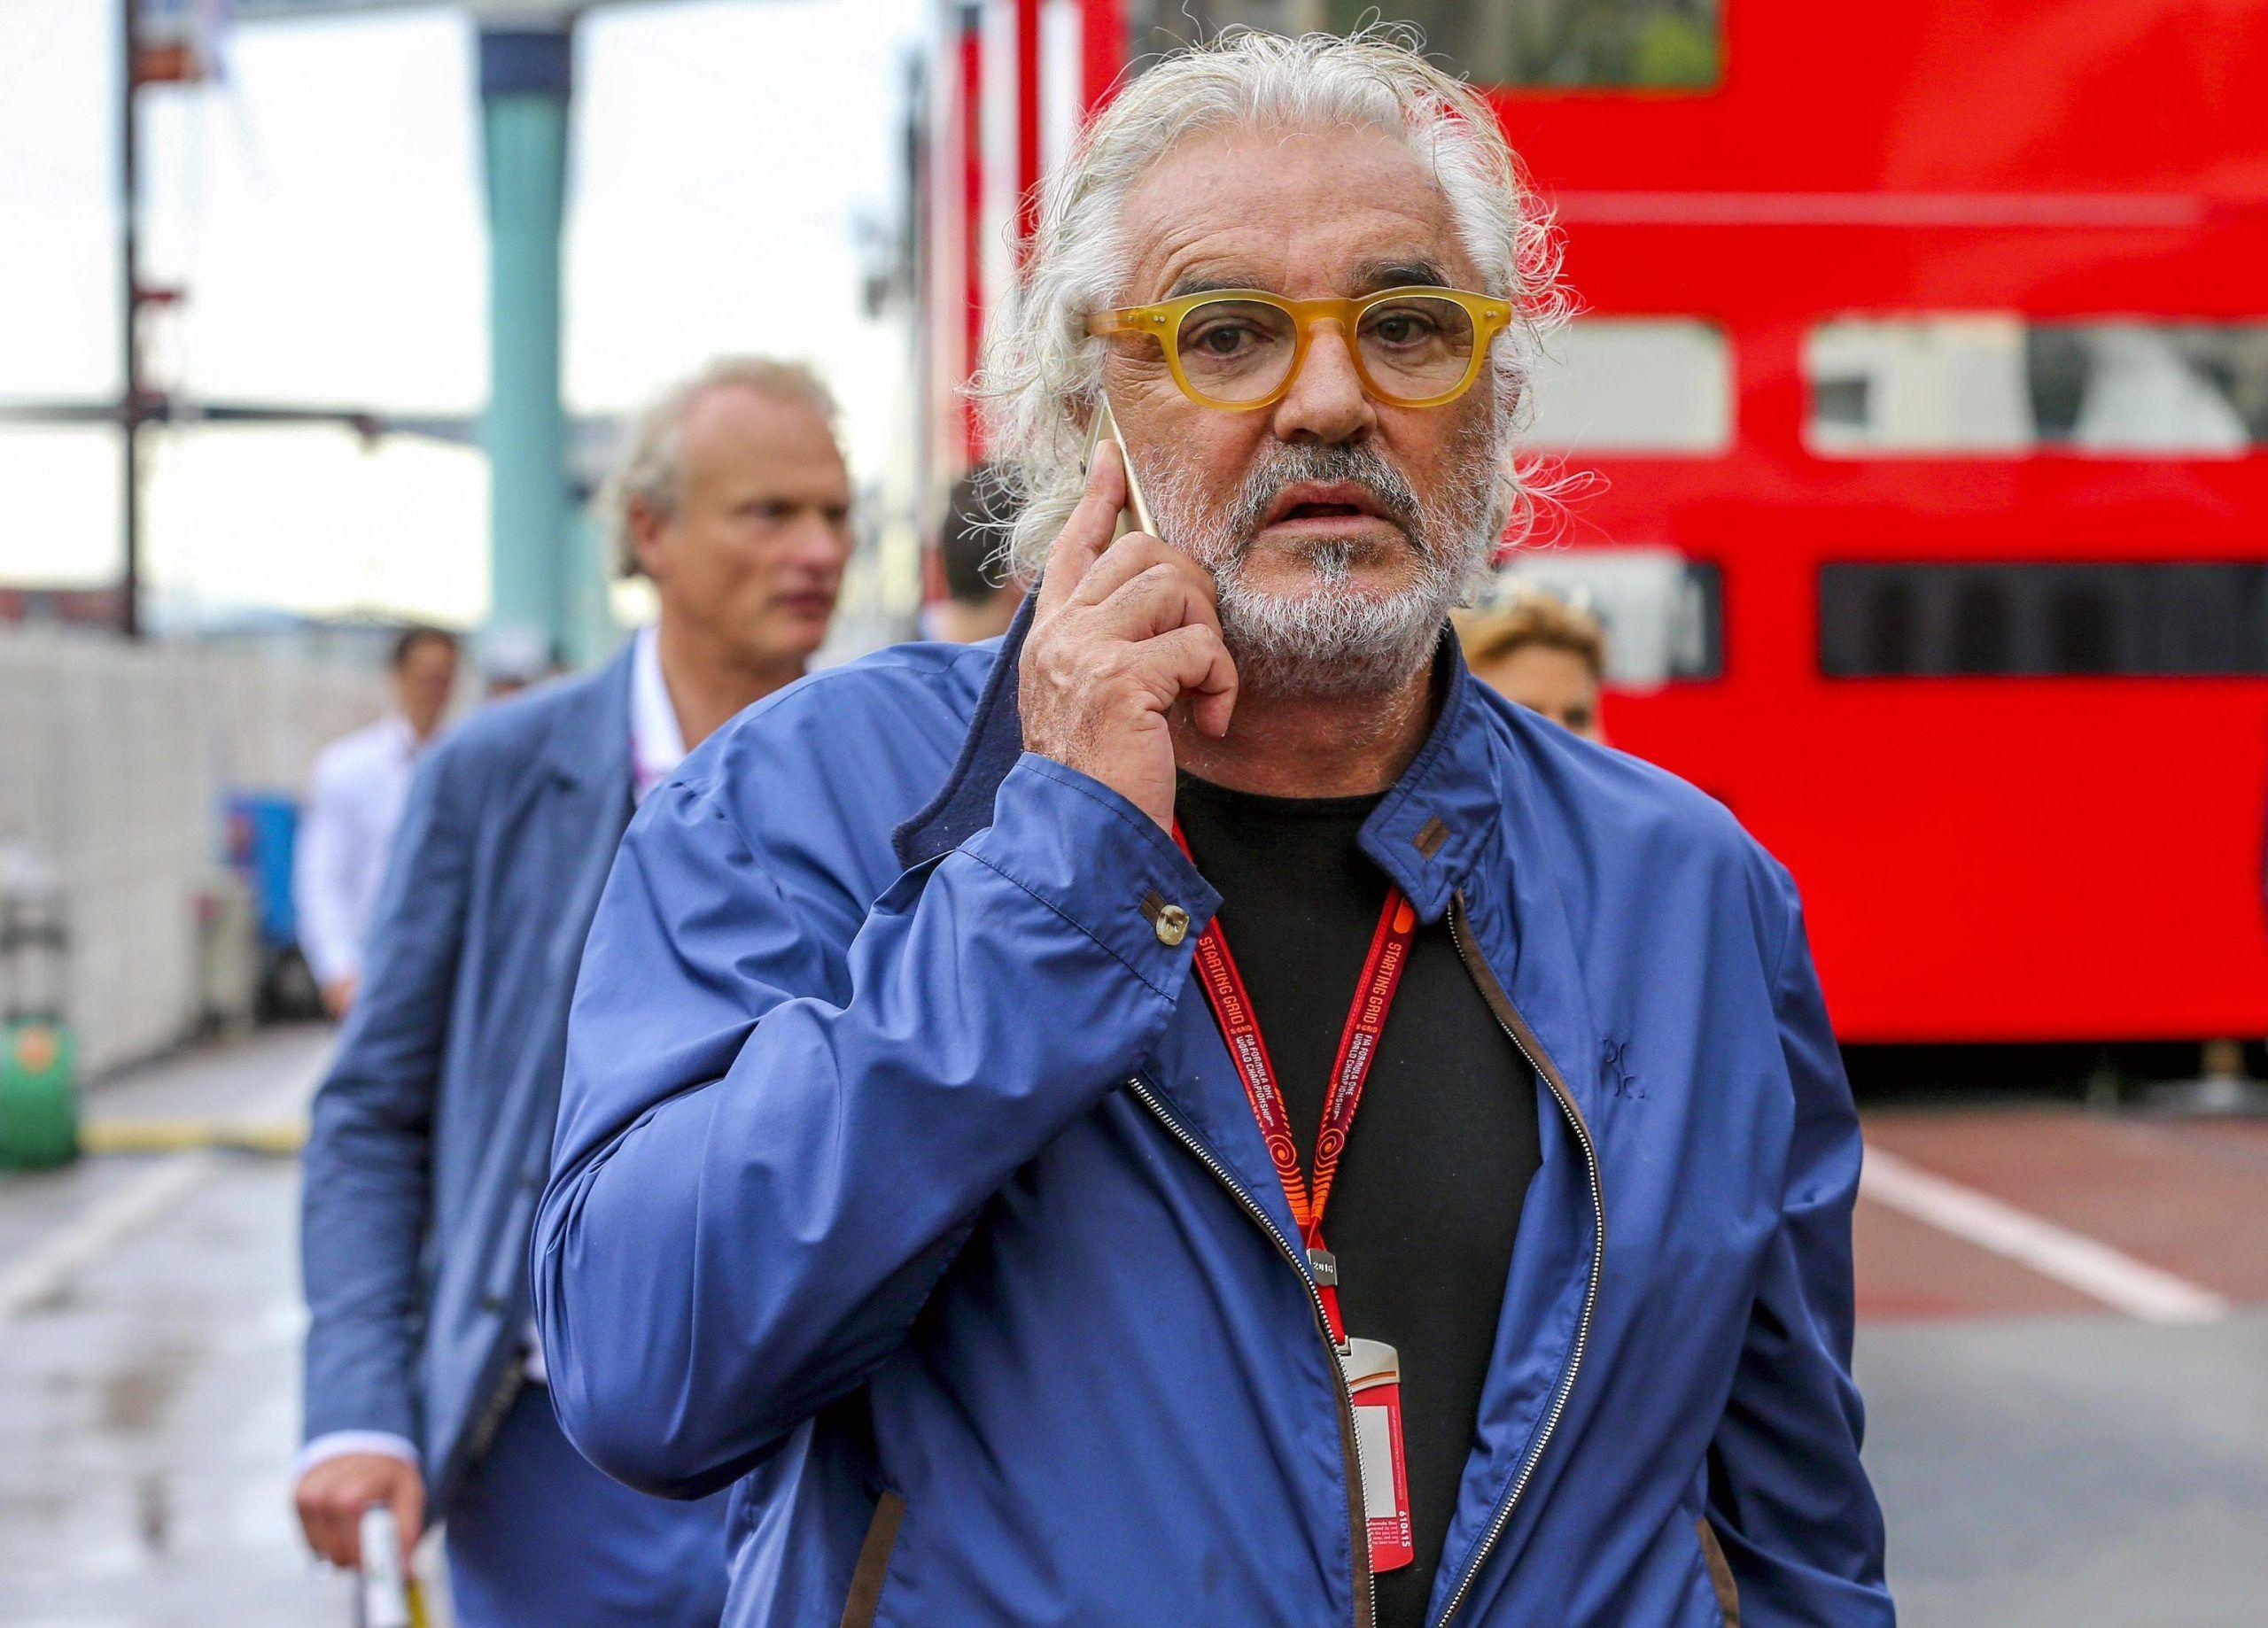 Flavio Briatore: 'La separazione da Elisabetta Gregoraci? Nessun problema'